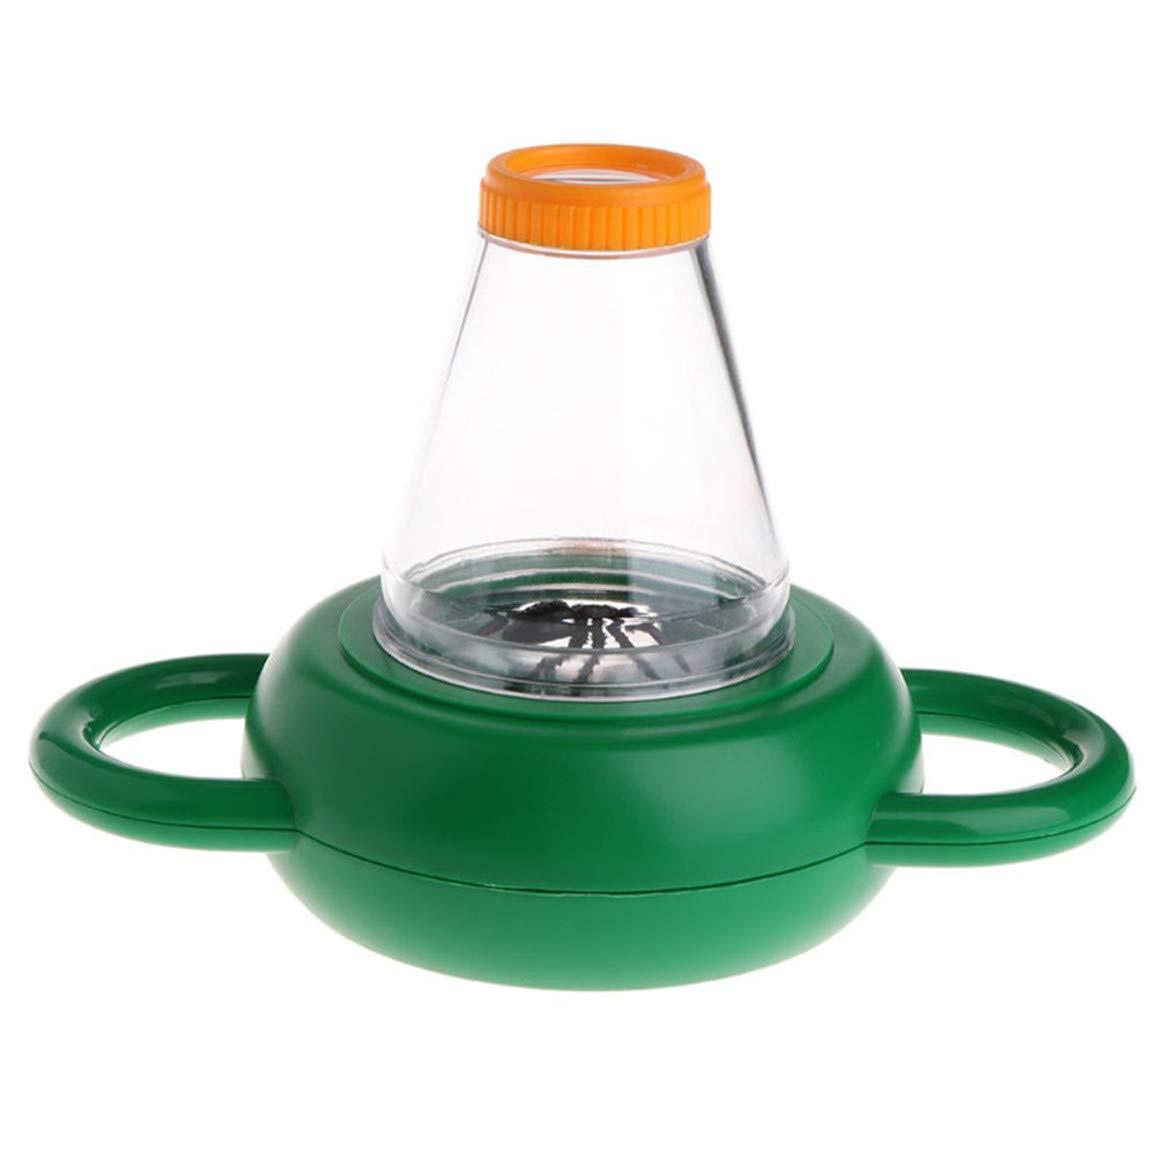 Botreelife Insect Viewer Lupe optische Ameise Spider Jar für Kinder pädagogisches Spielzeug YingQue